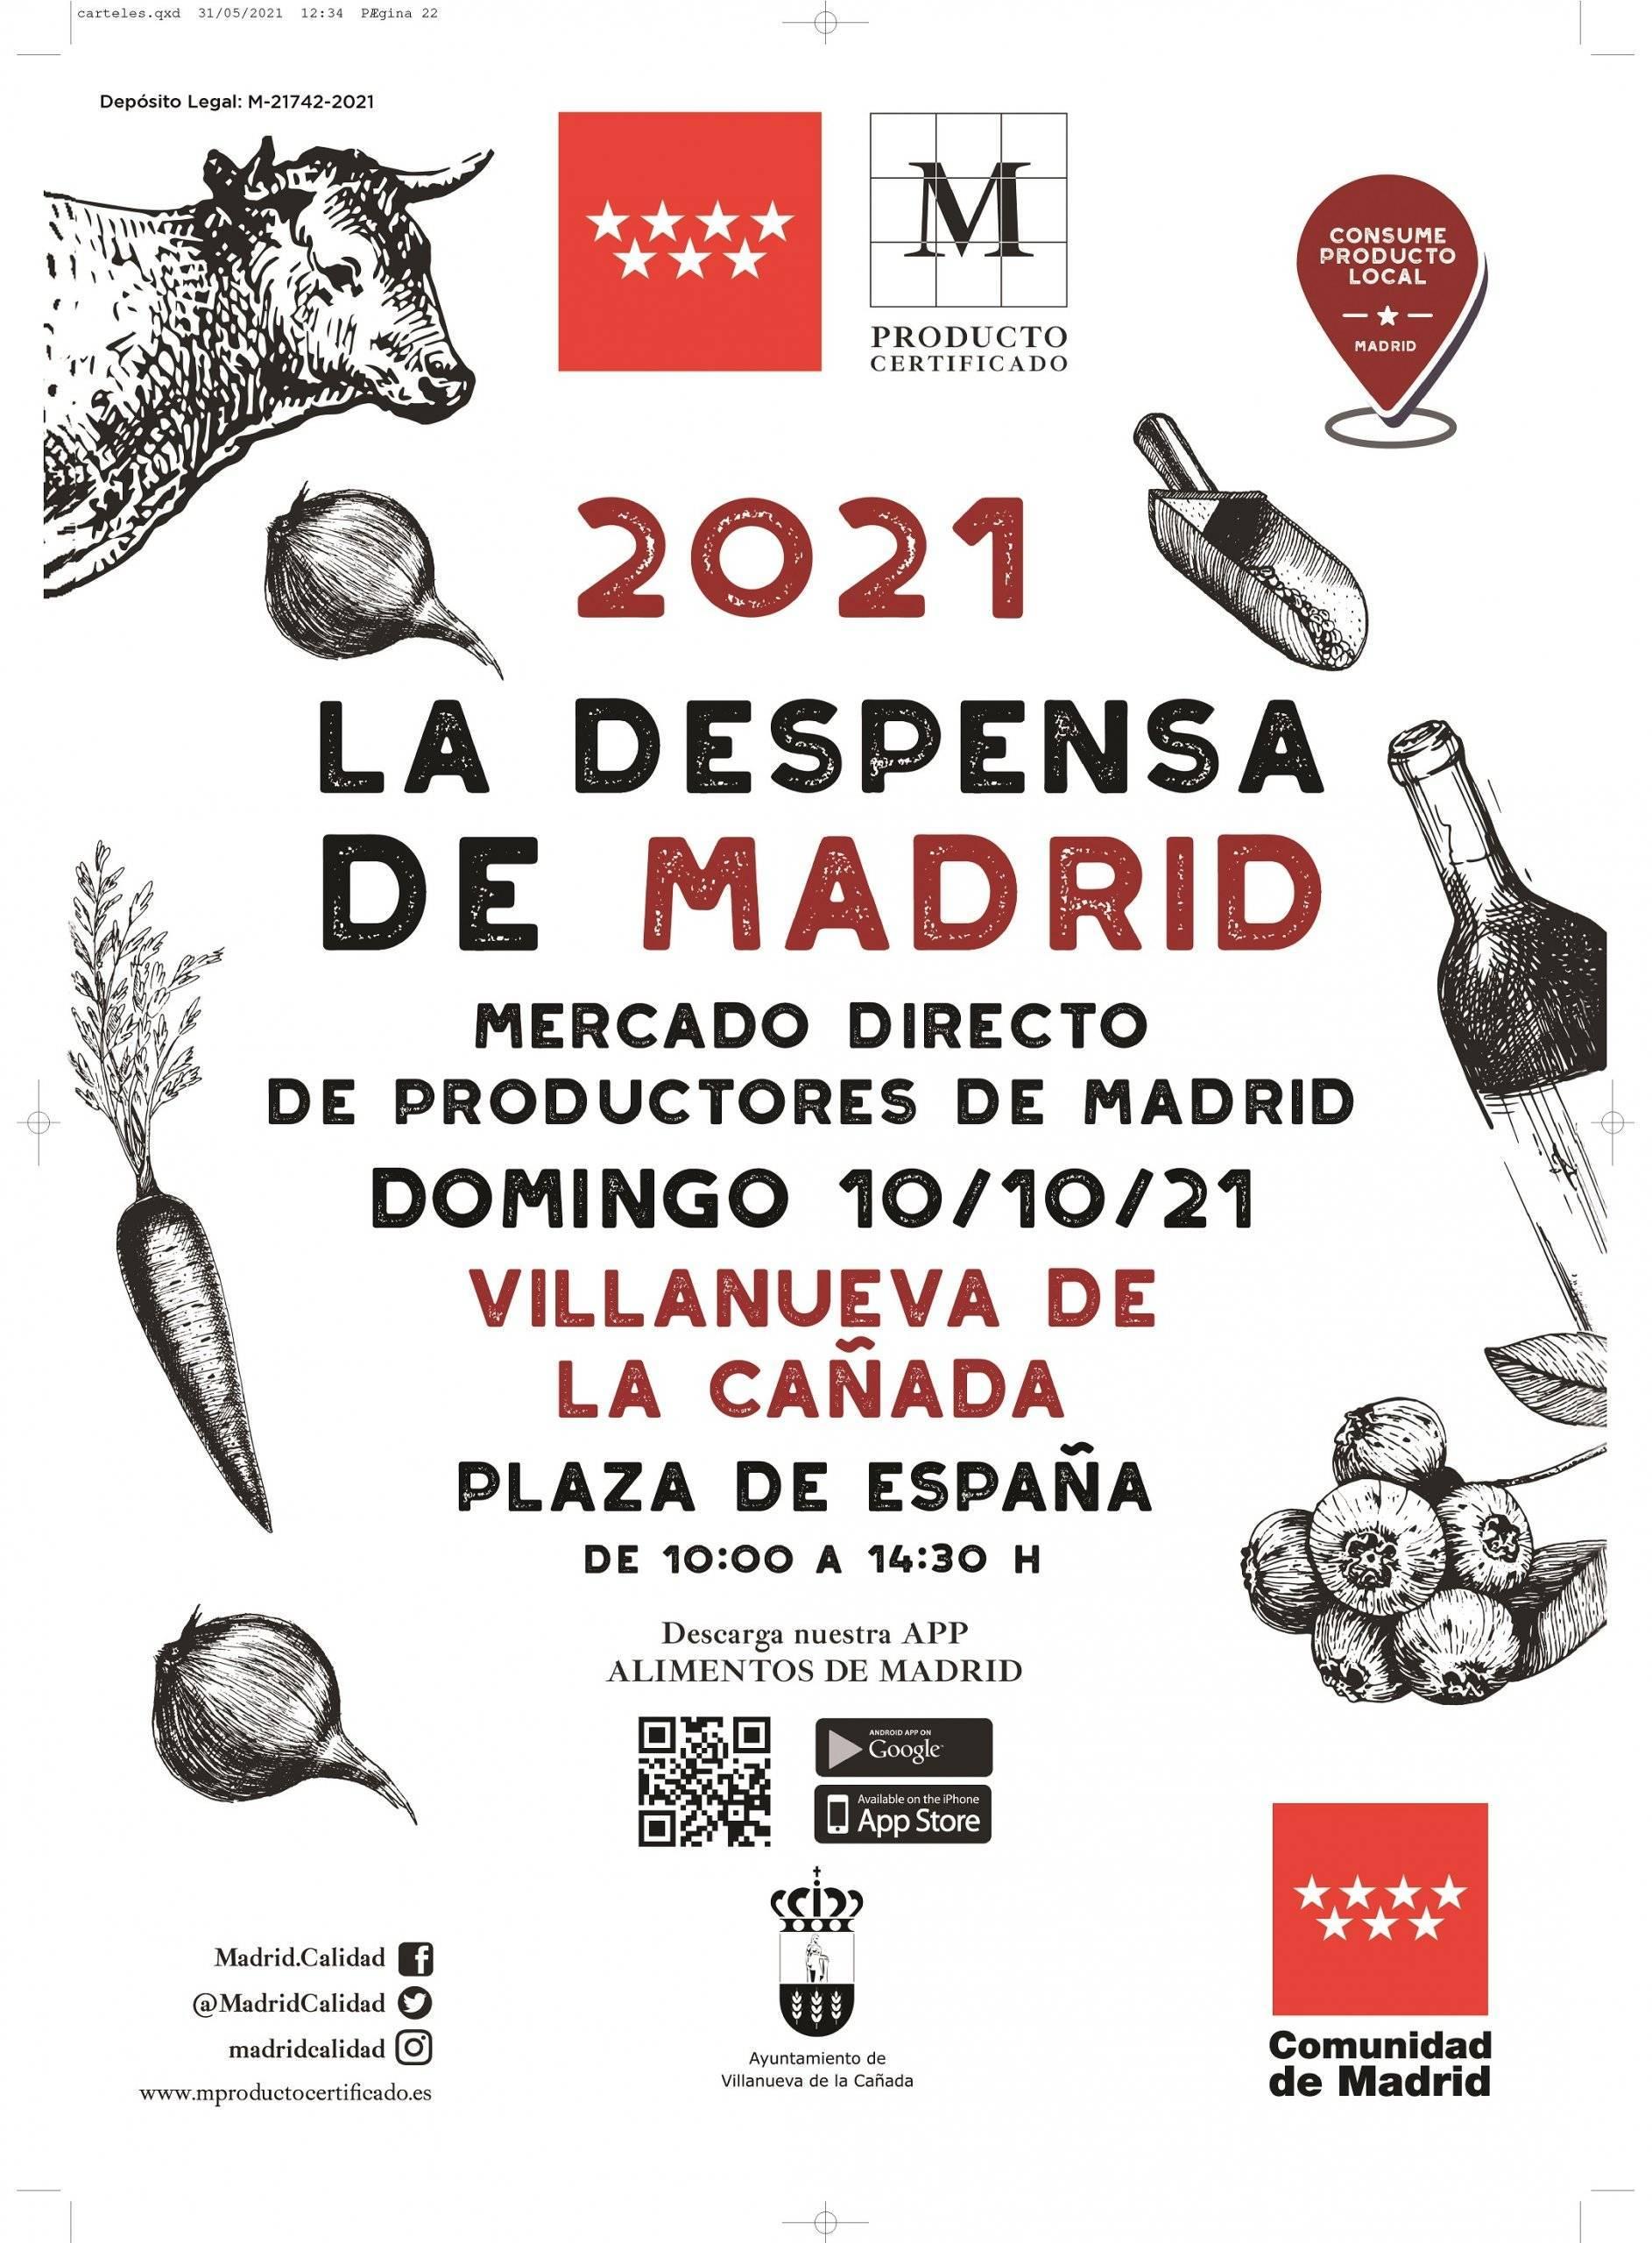 La despensa de Madrid 2021